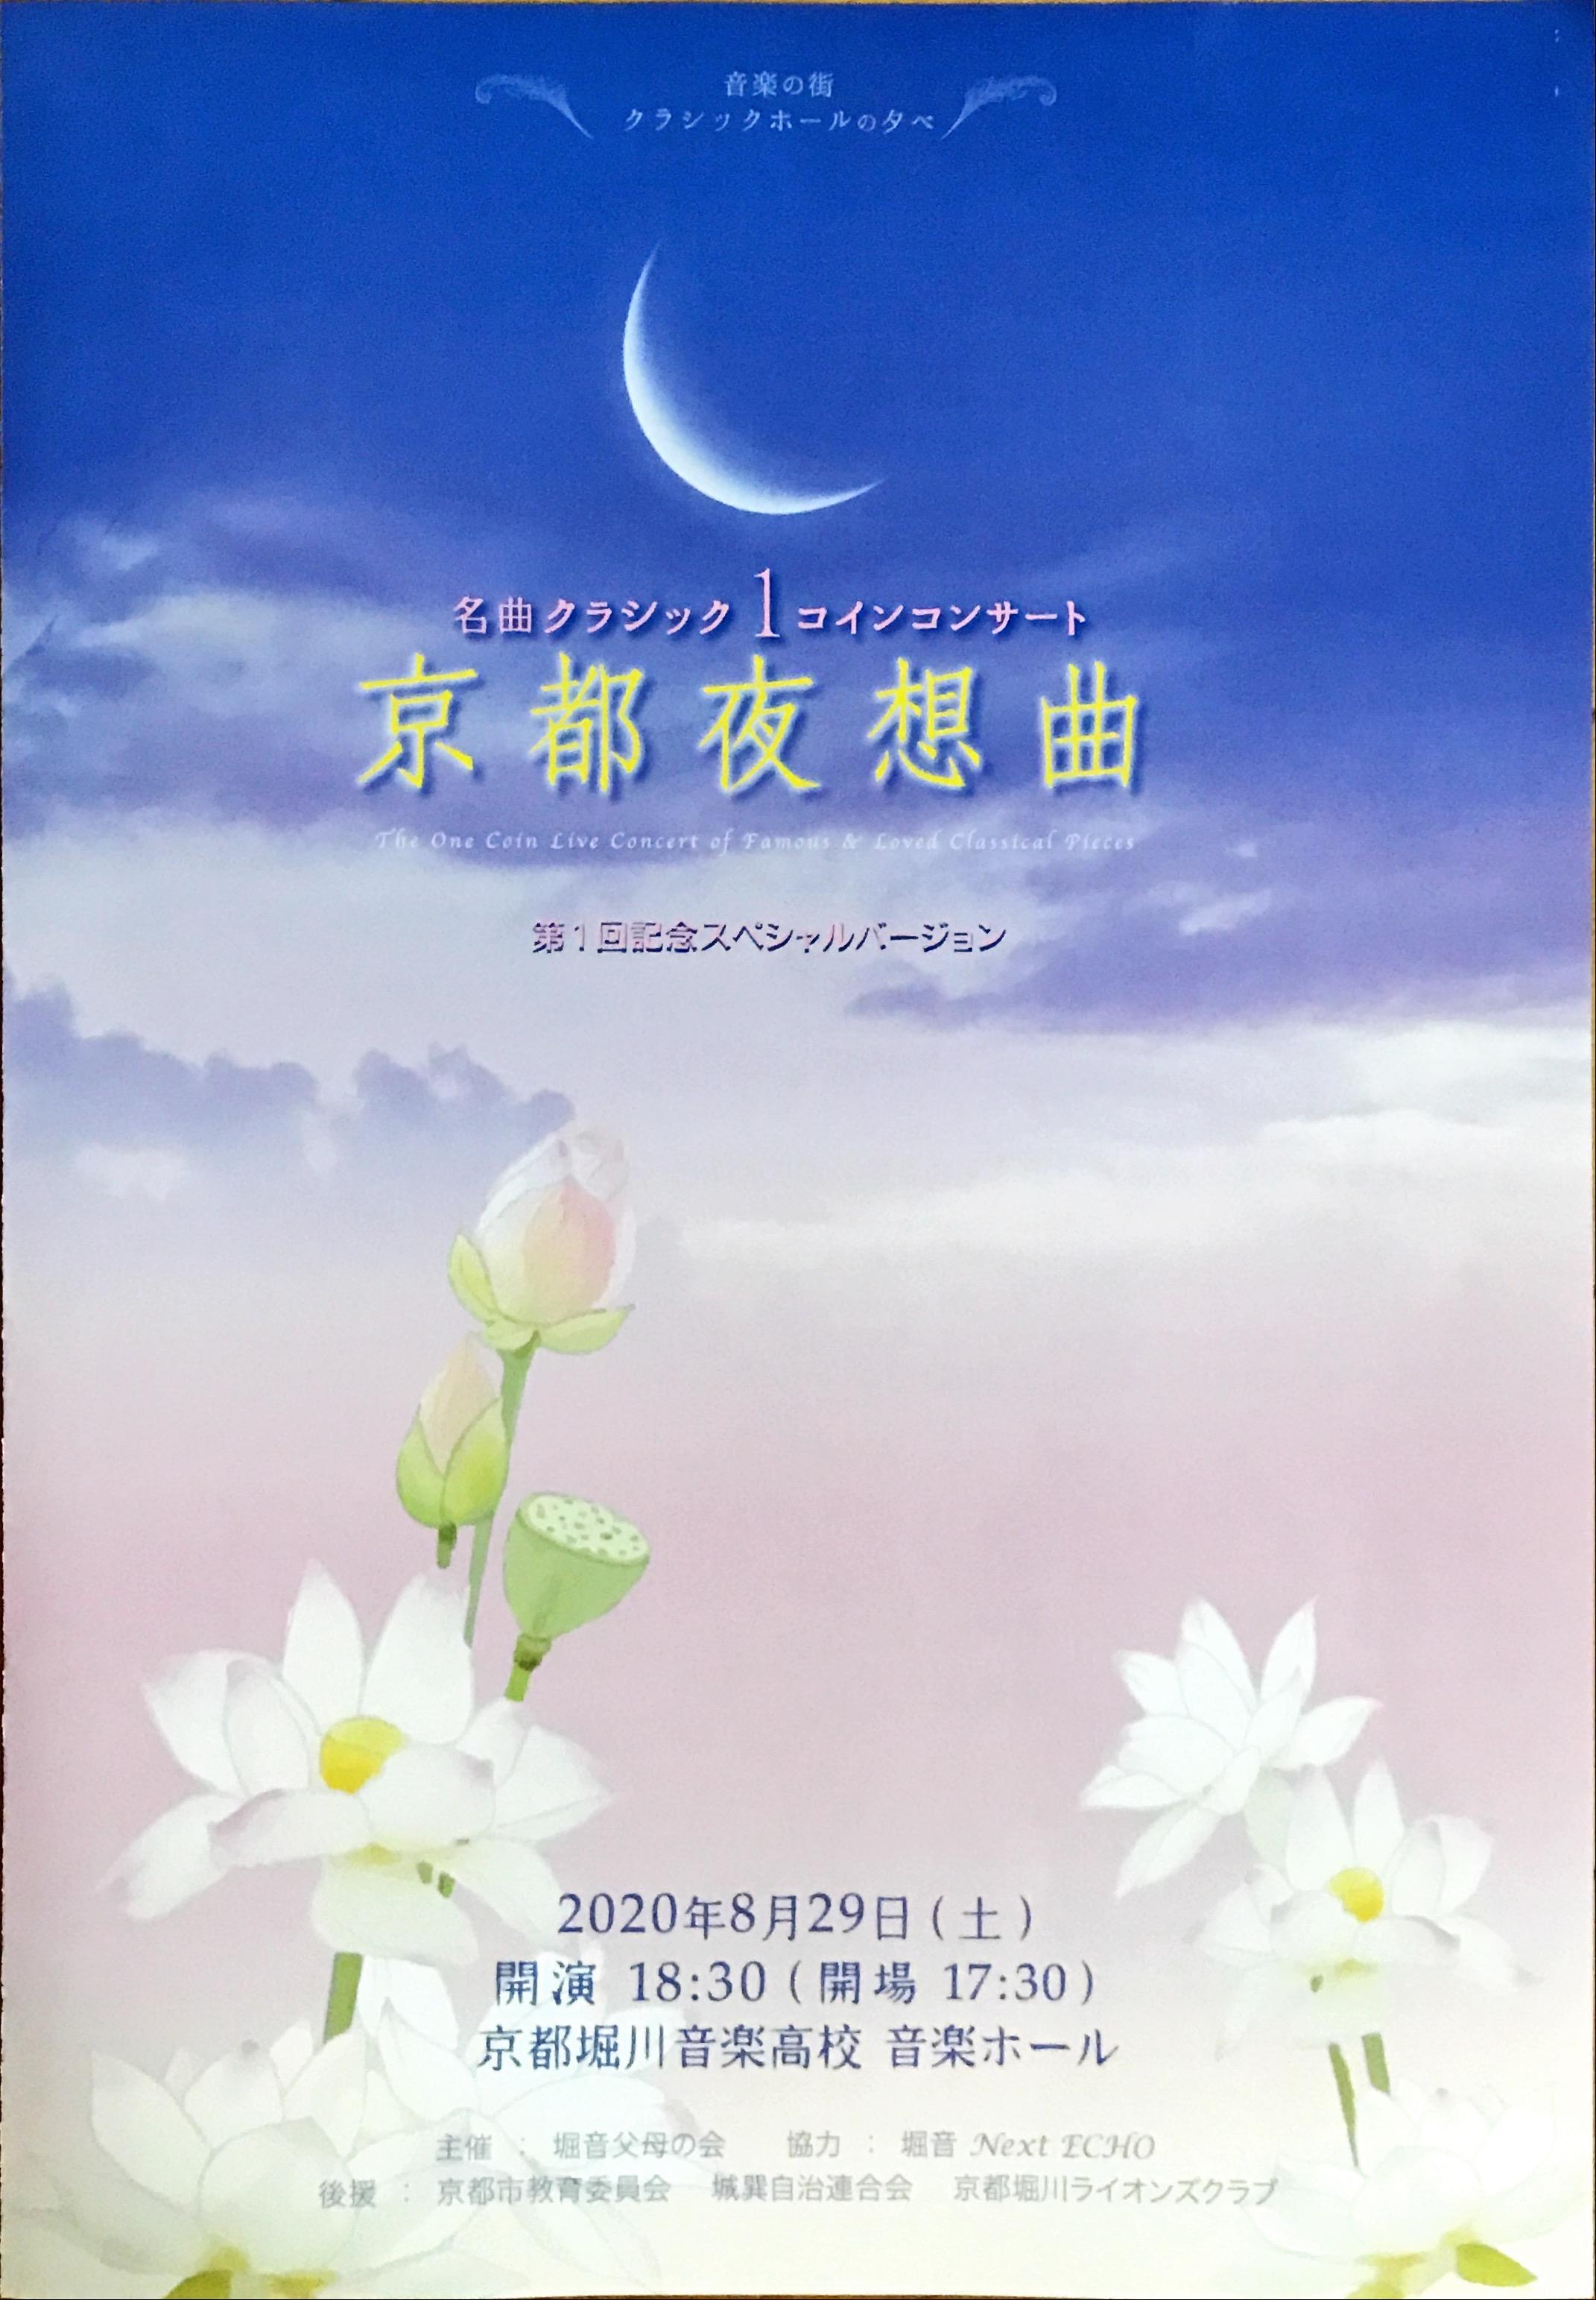 第1回名曲クラシック1コインコンサート『京都夜想曲』